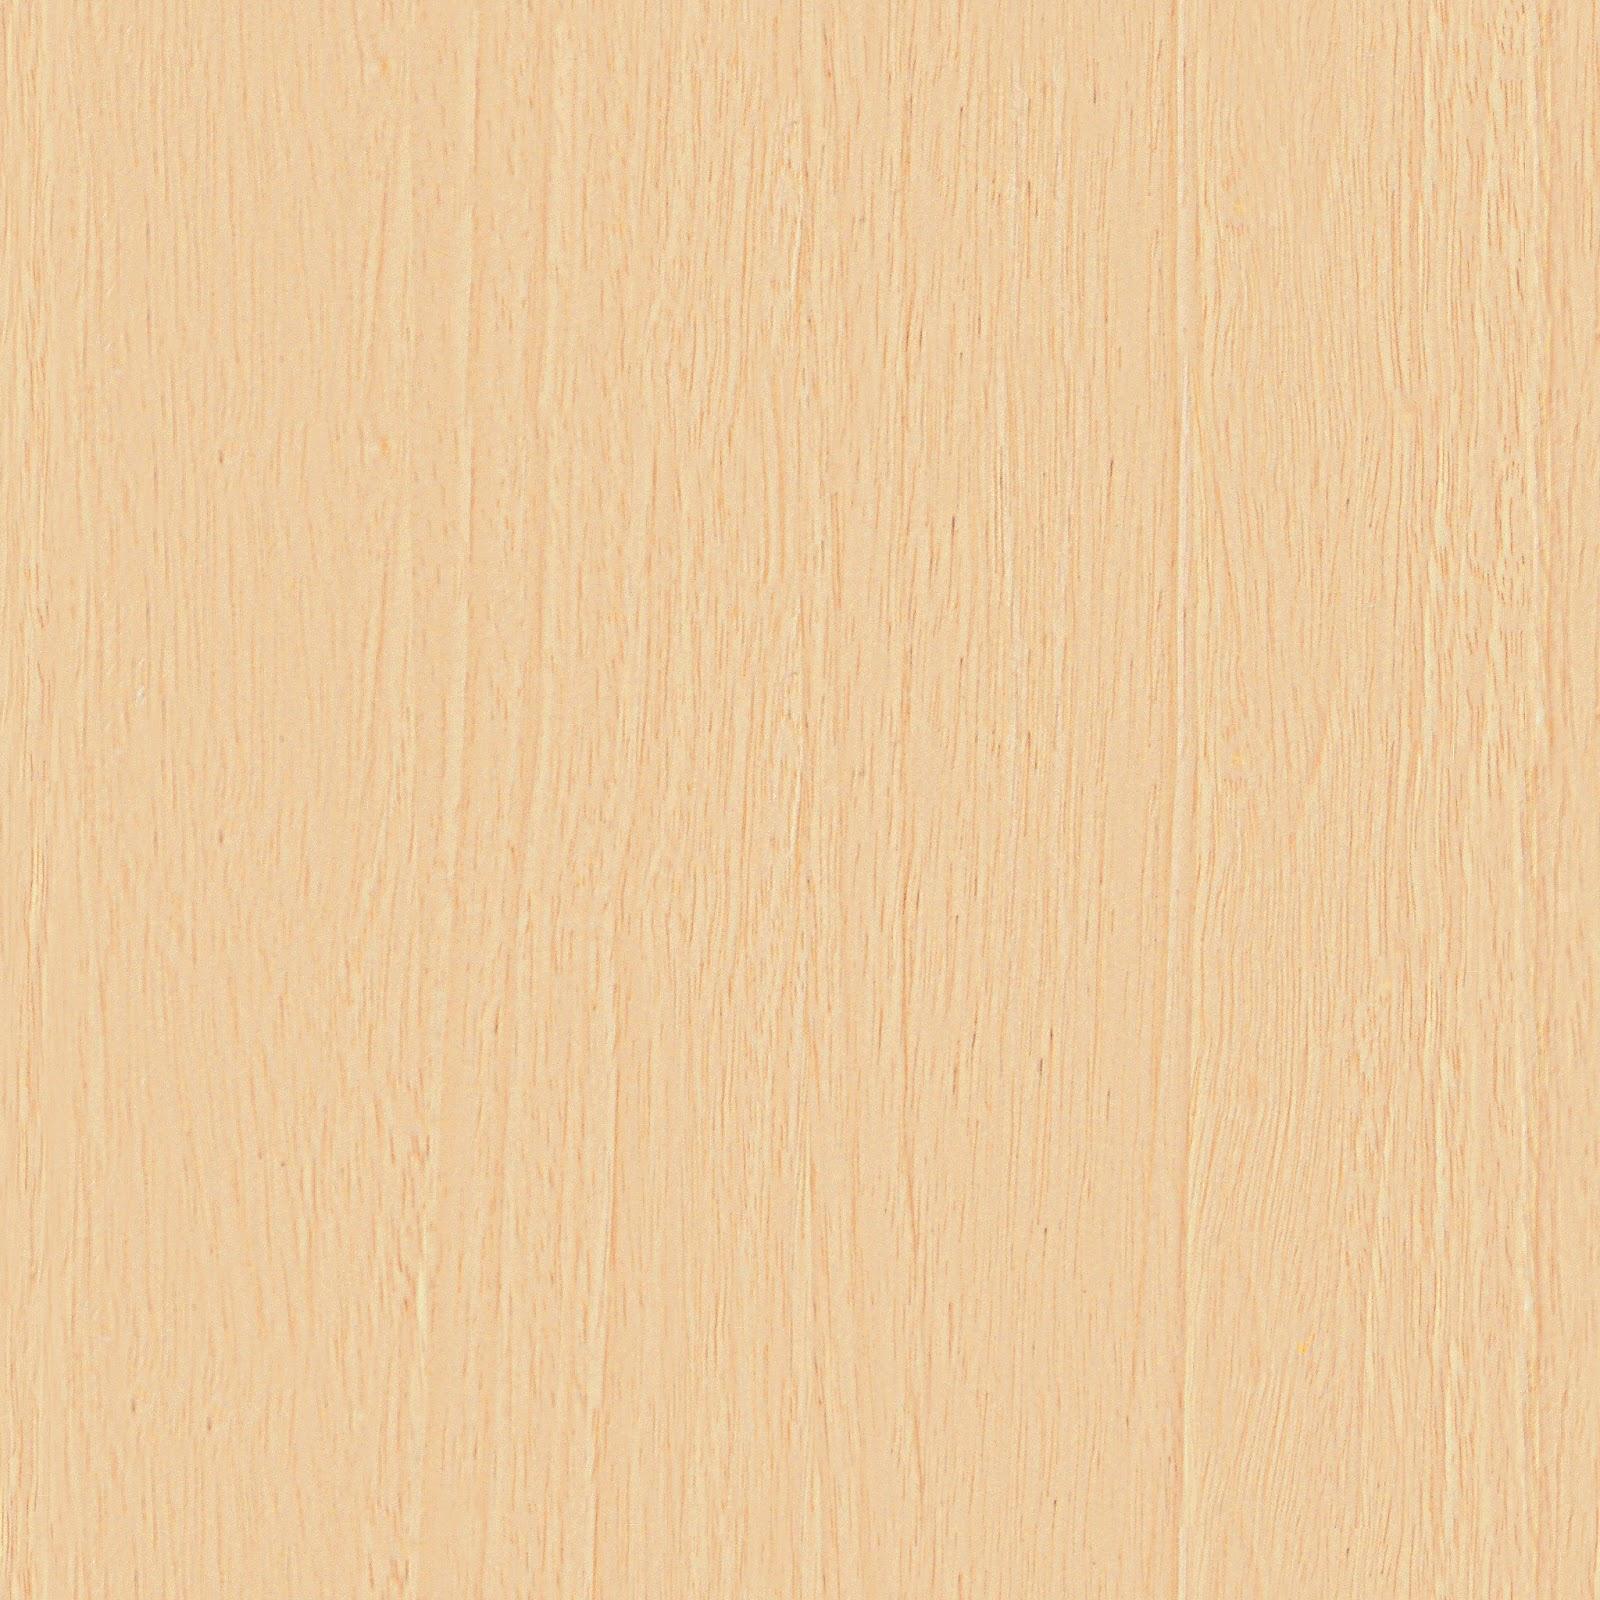 Interiores y 3d 3 v ray madera y tarima - Madera para pared interior ...